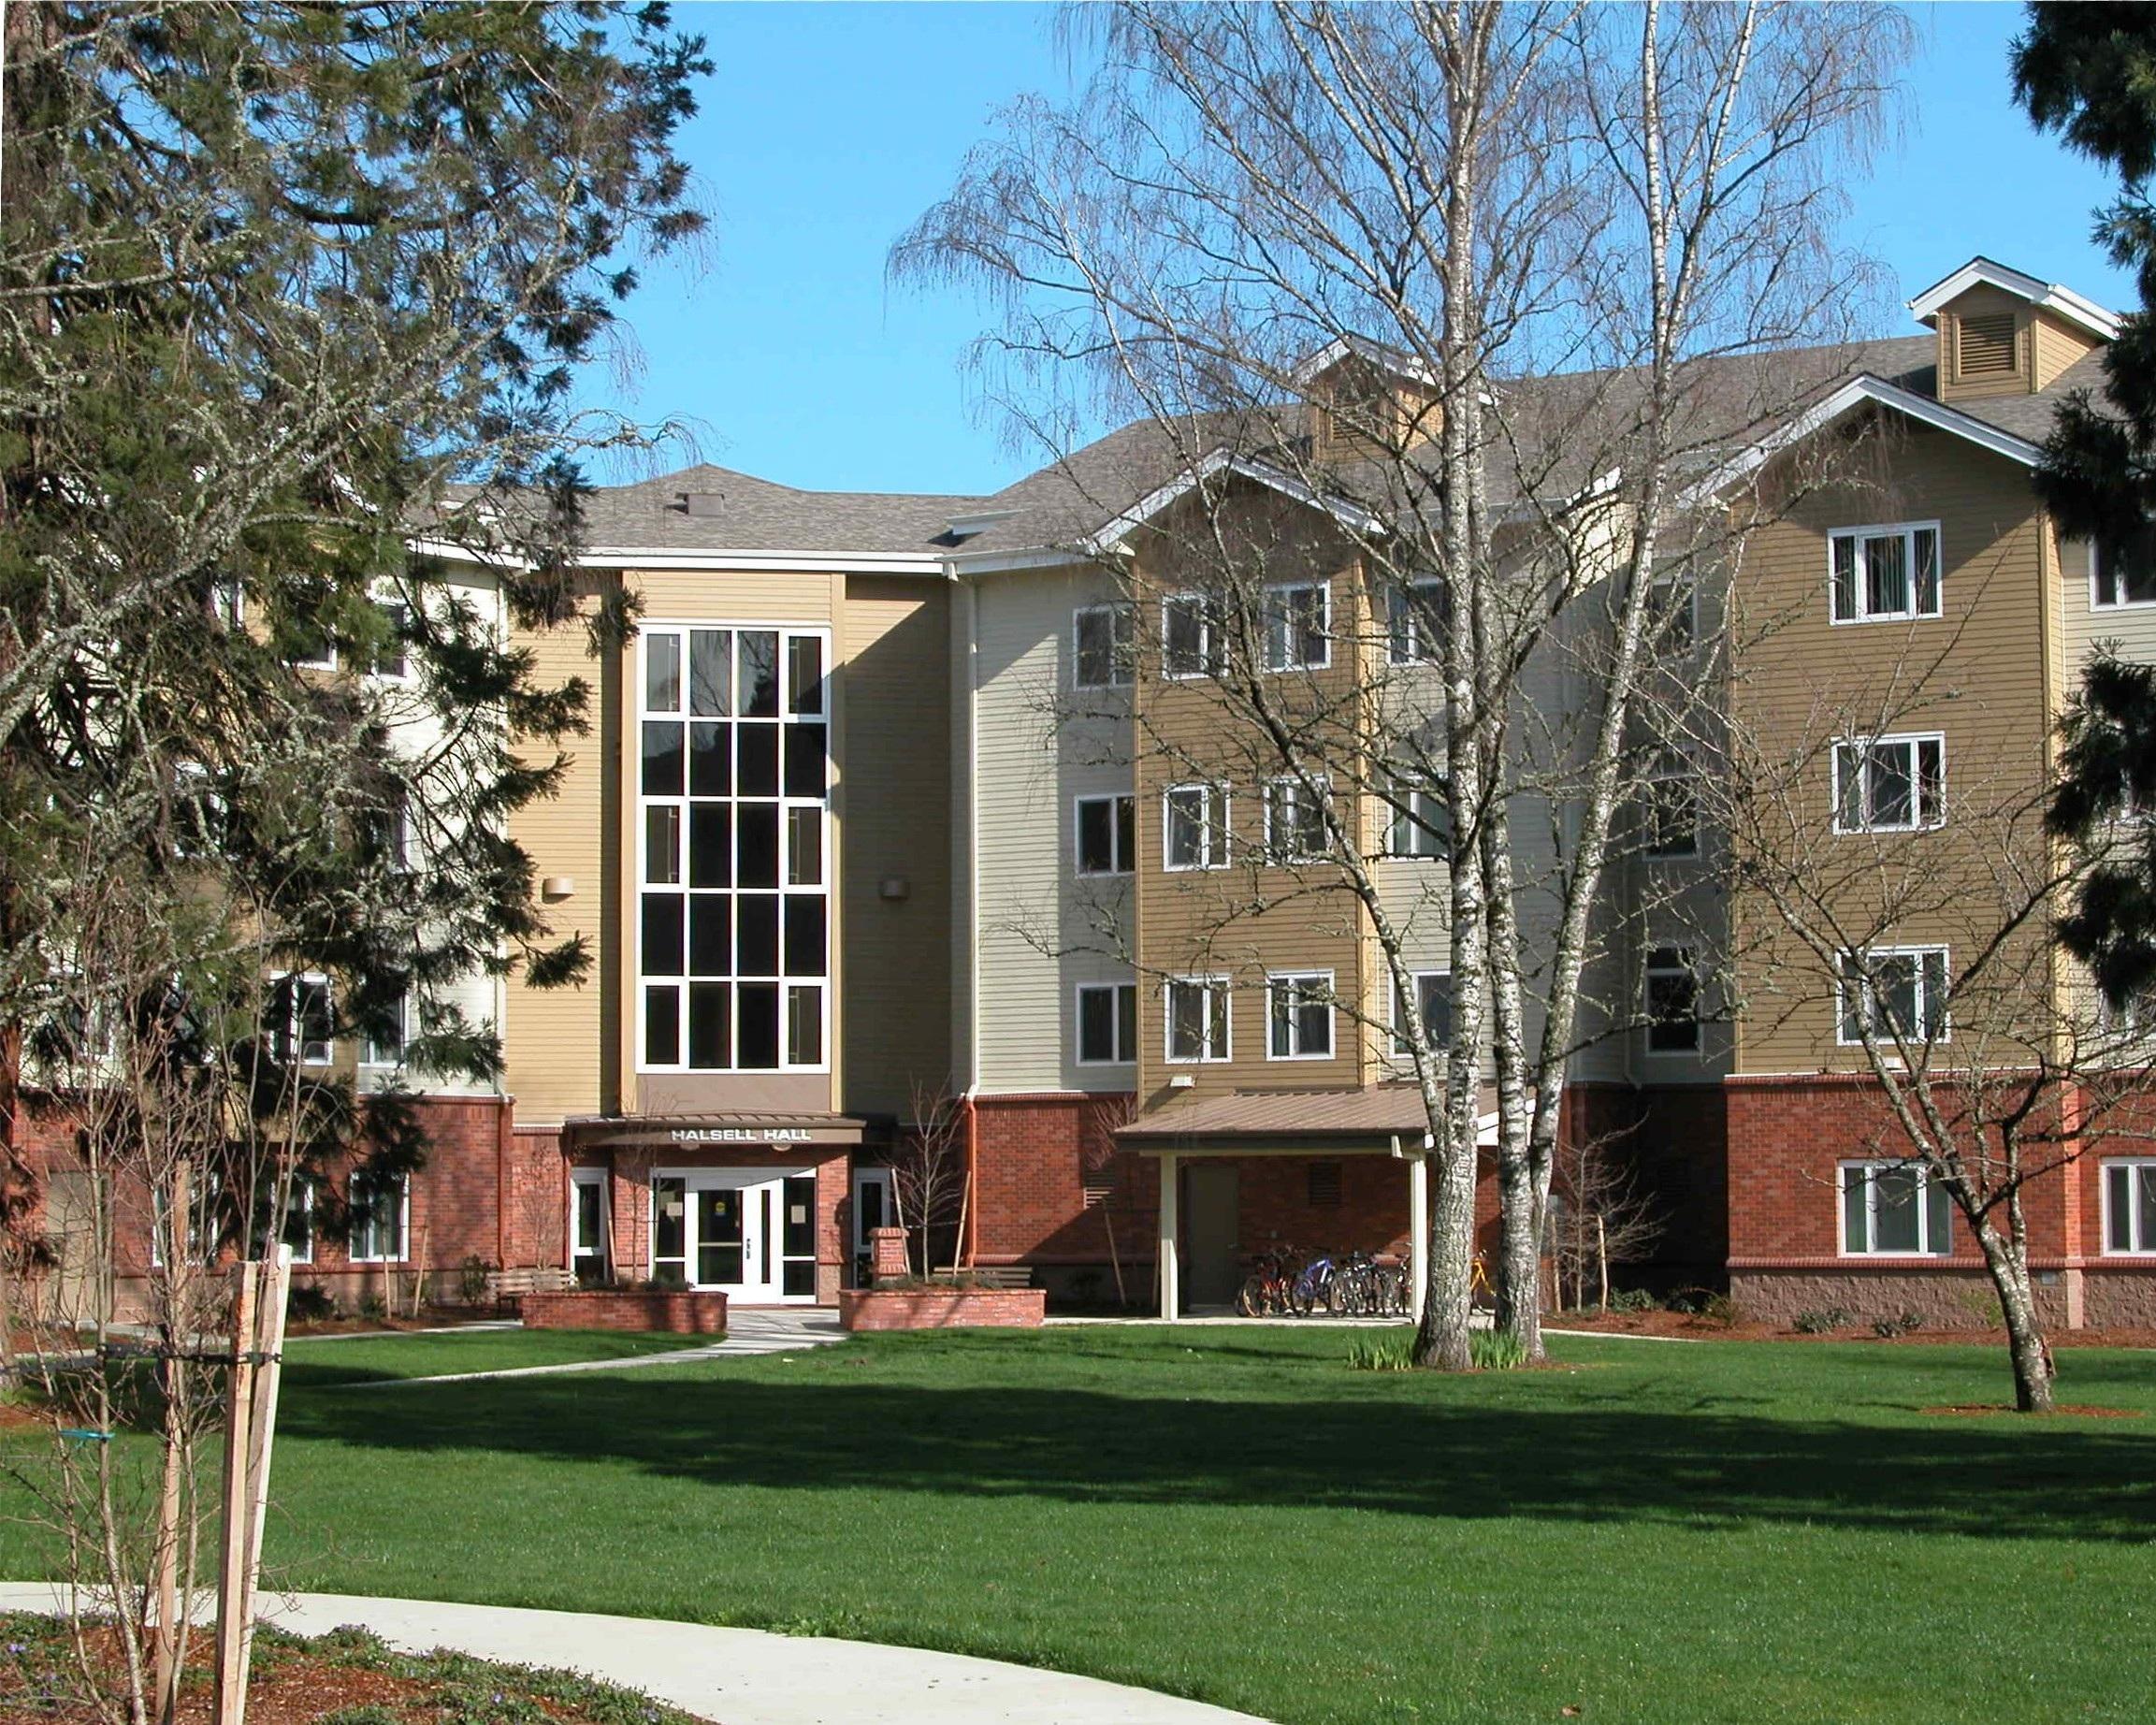 Halsell Hall - Oregon State University